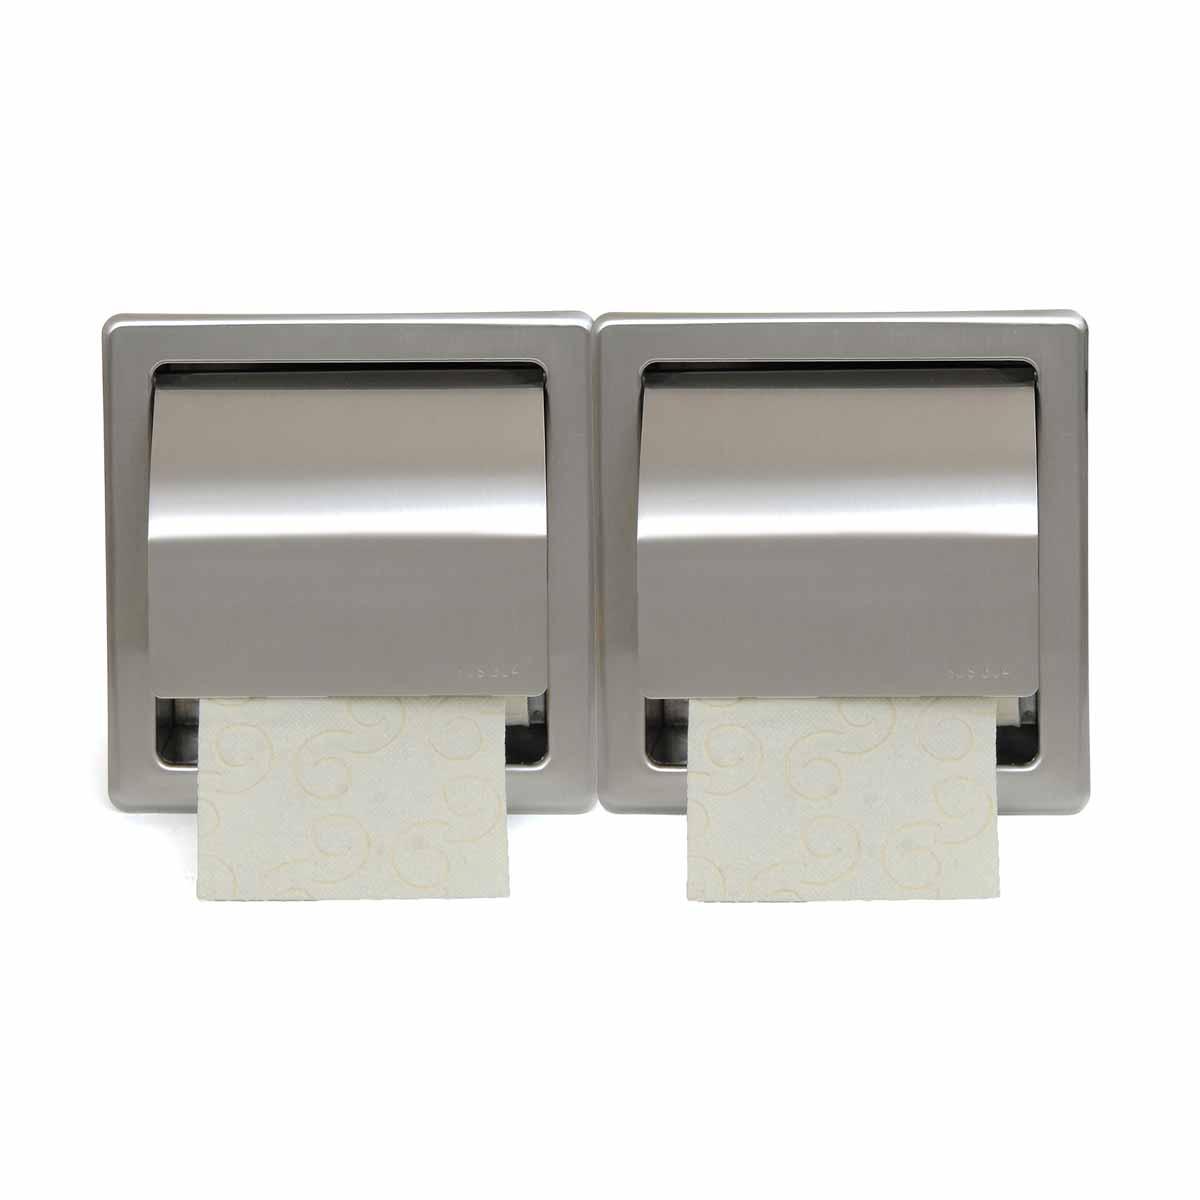 Χαρτοθήκη 2 Θέσεων Με Καπάκι PamCo 110-025 Satine Nickel